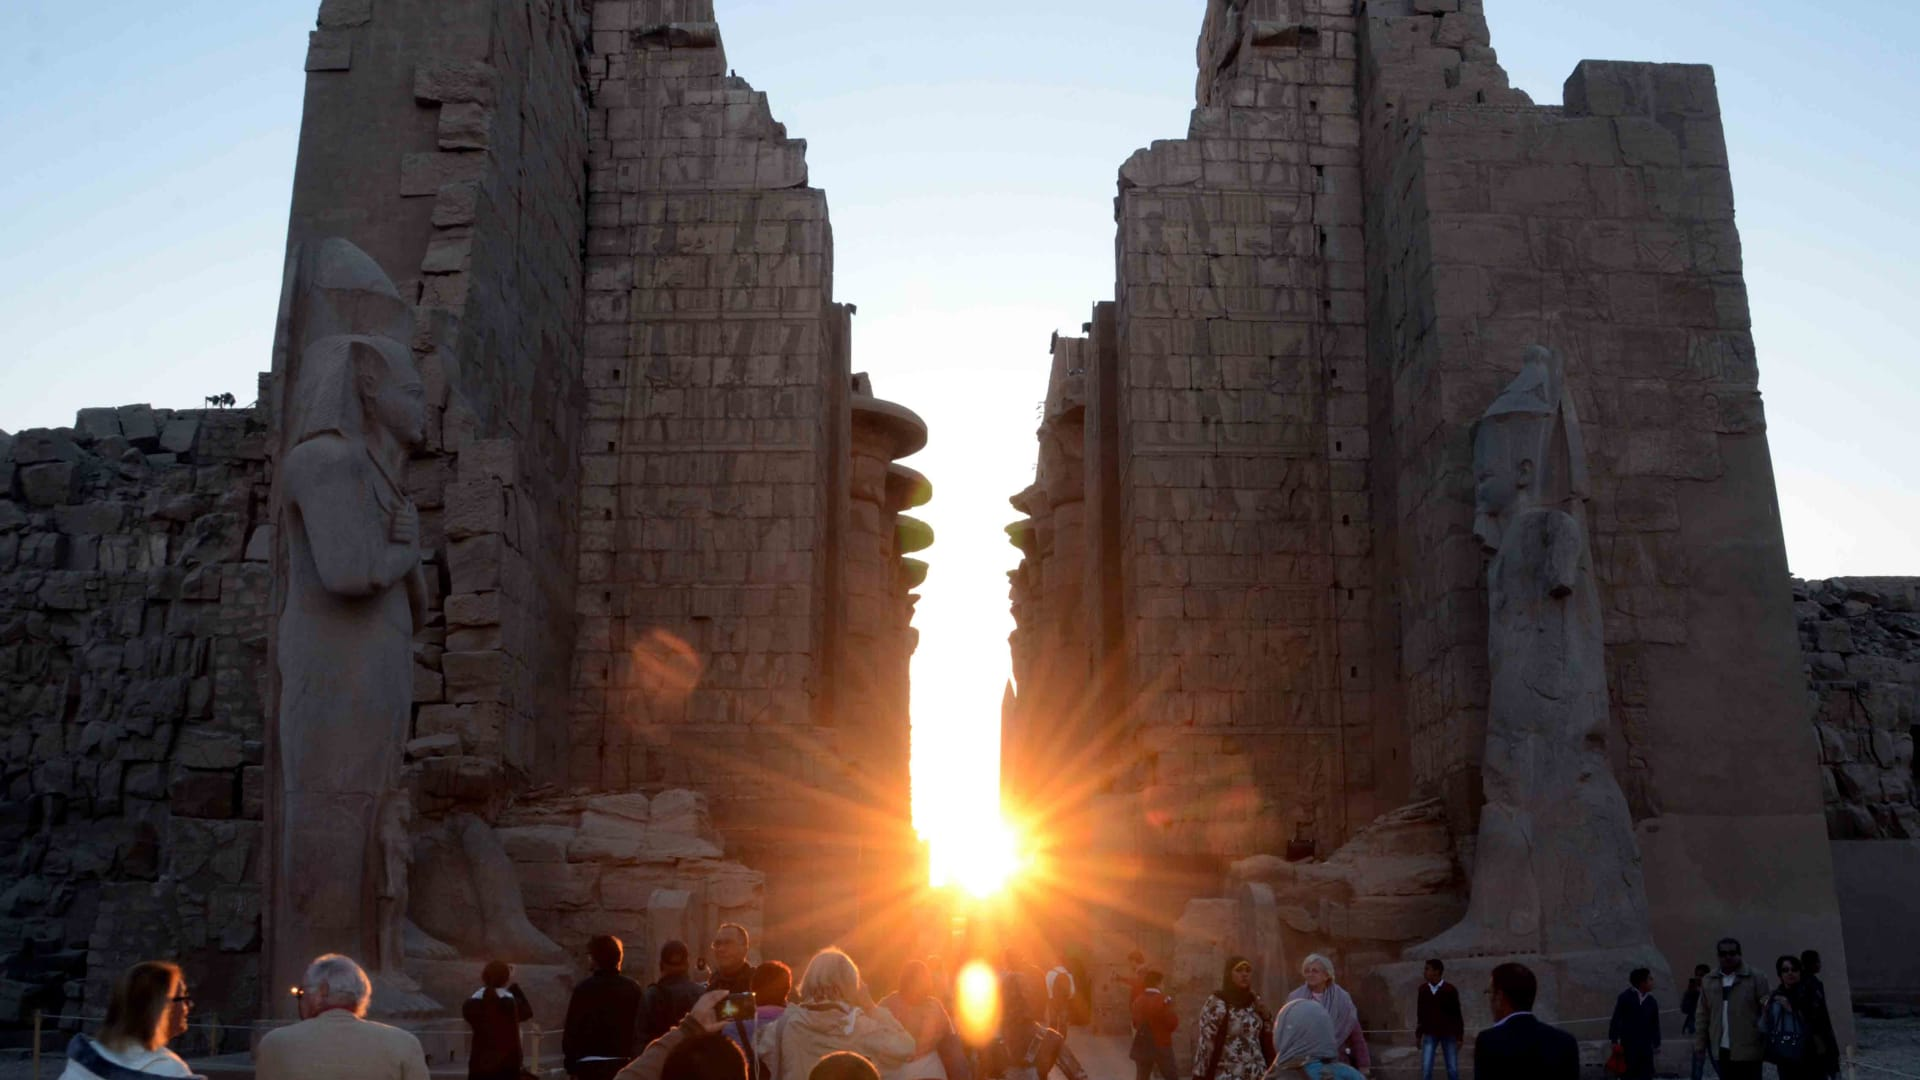 الأقصر تشهد ظاهرة تعامد الشمس على معبد الكرنك بعام 2015